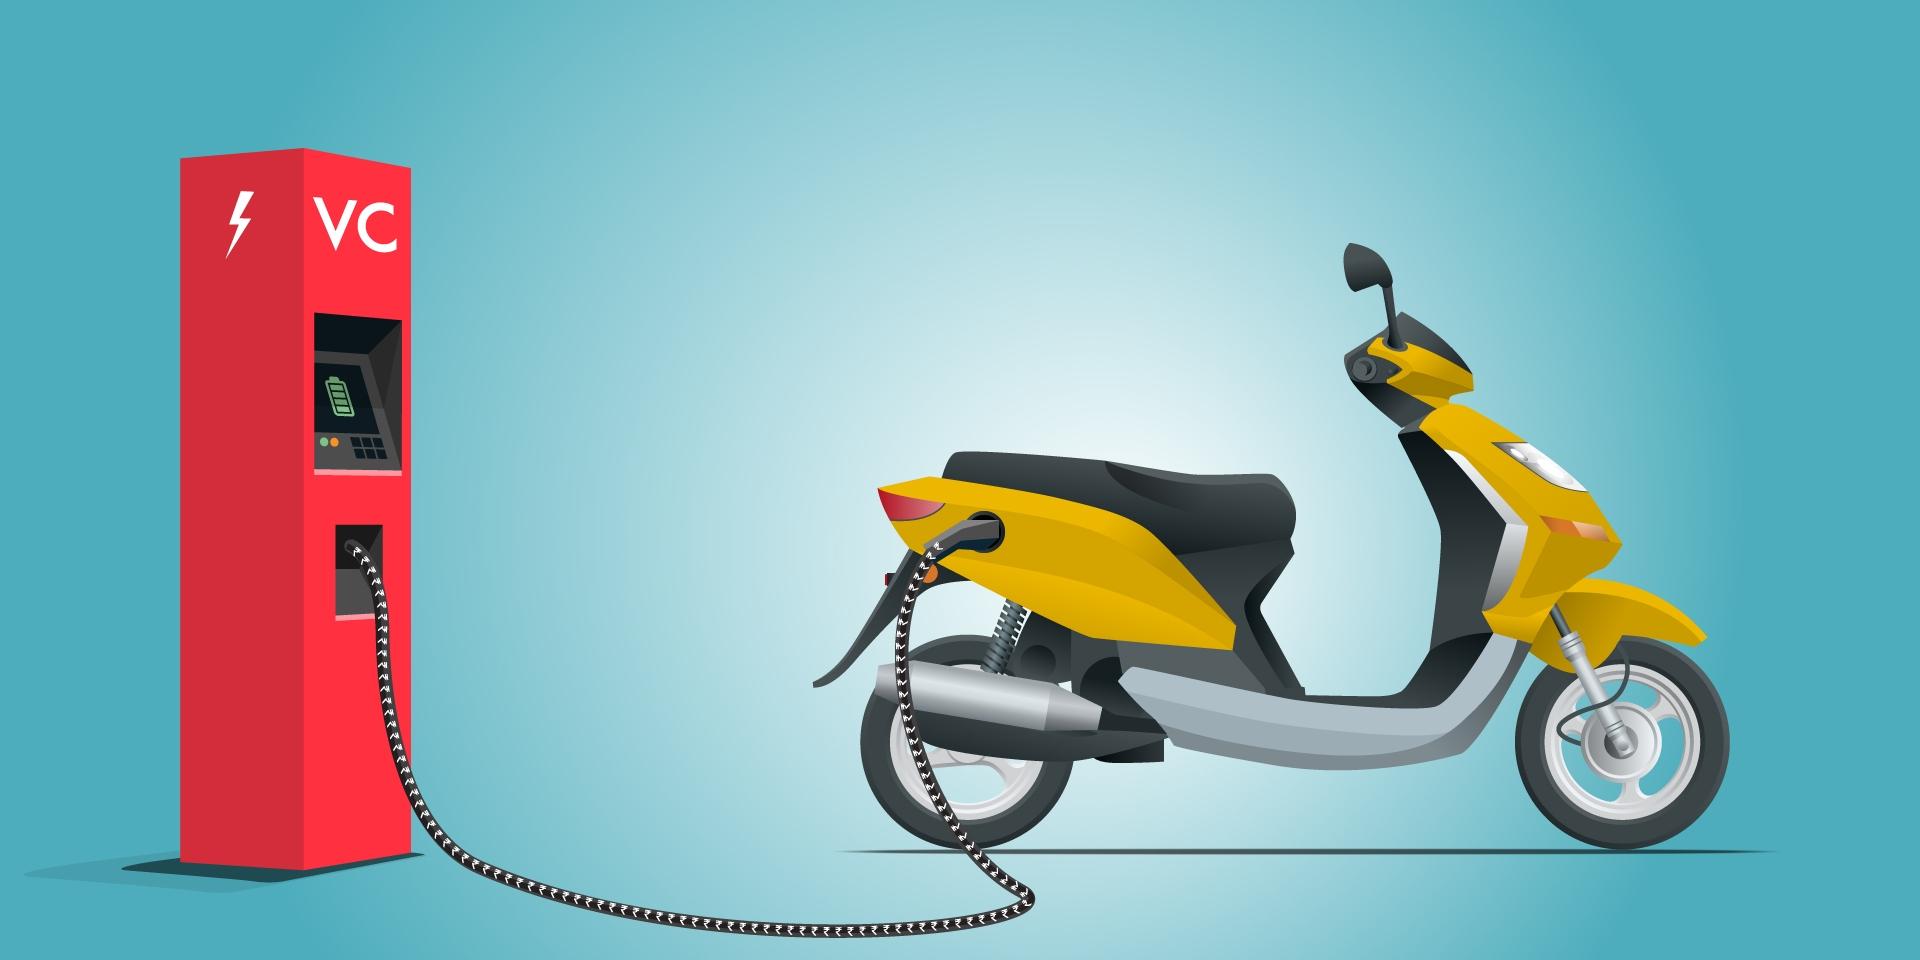 印度積極導入電動機車,2025年前達到零排放目標